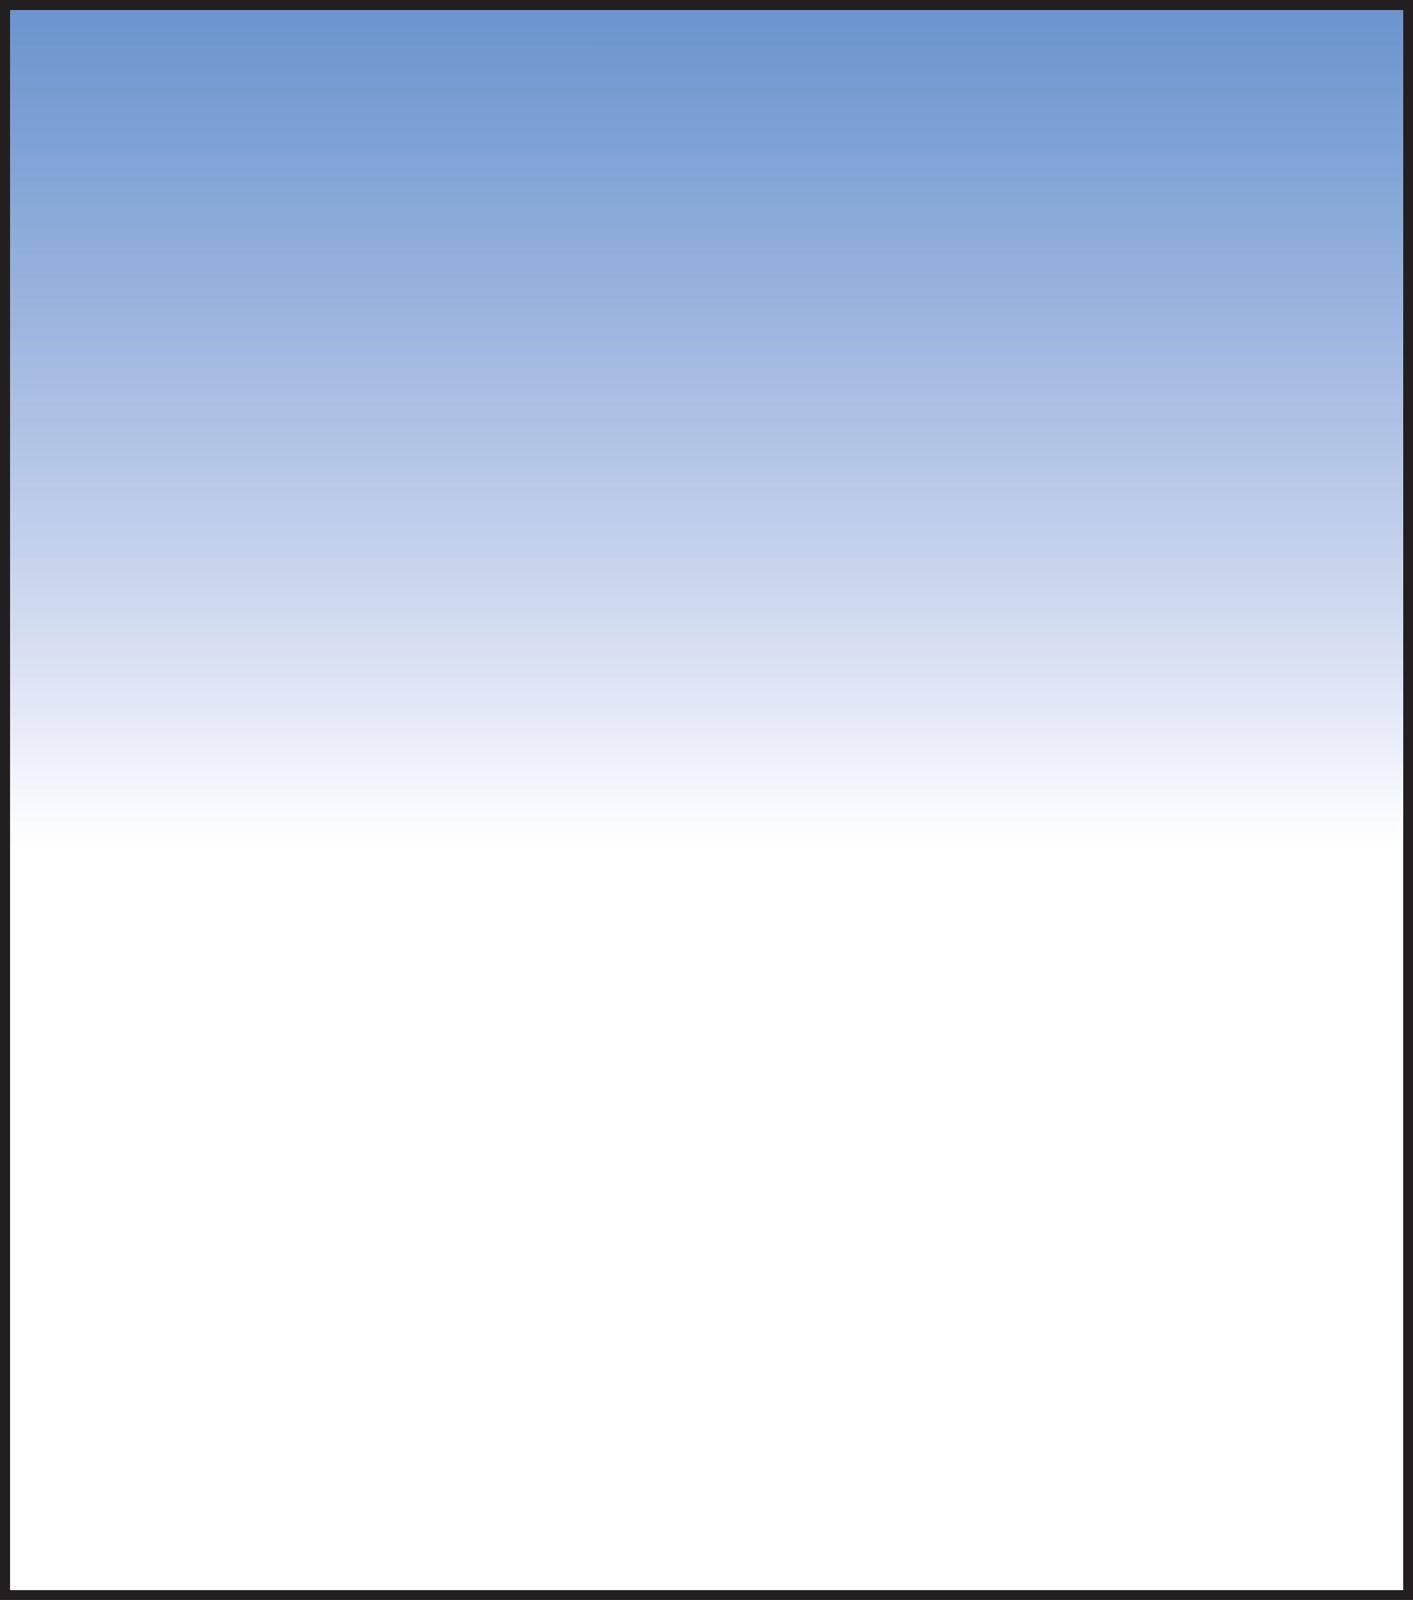 SW150-Sky-Blue-3-Soft-Grad